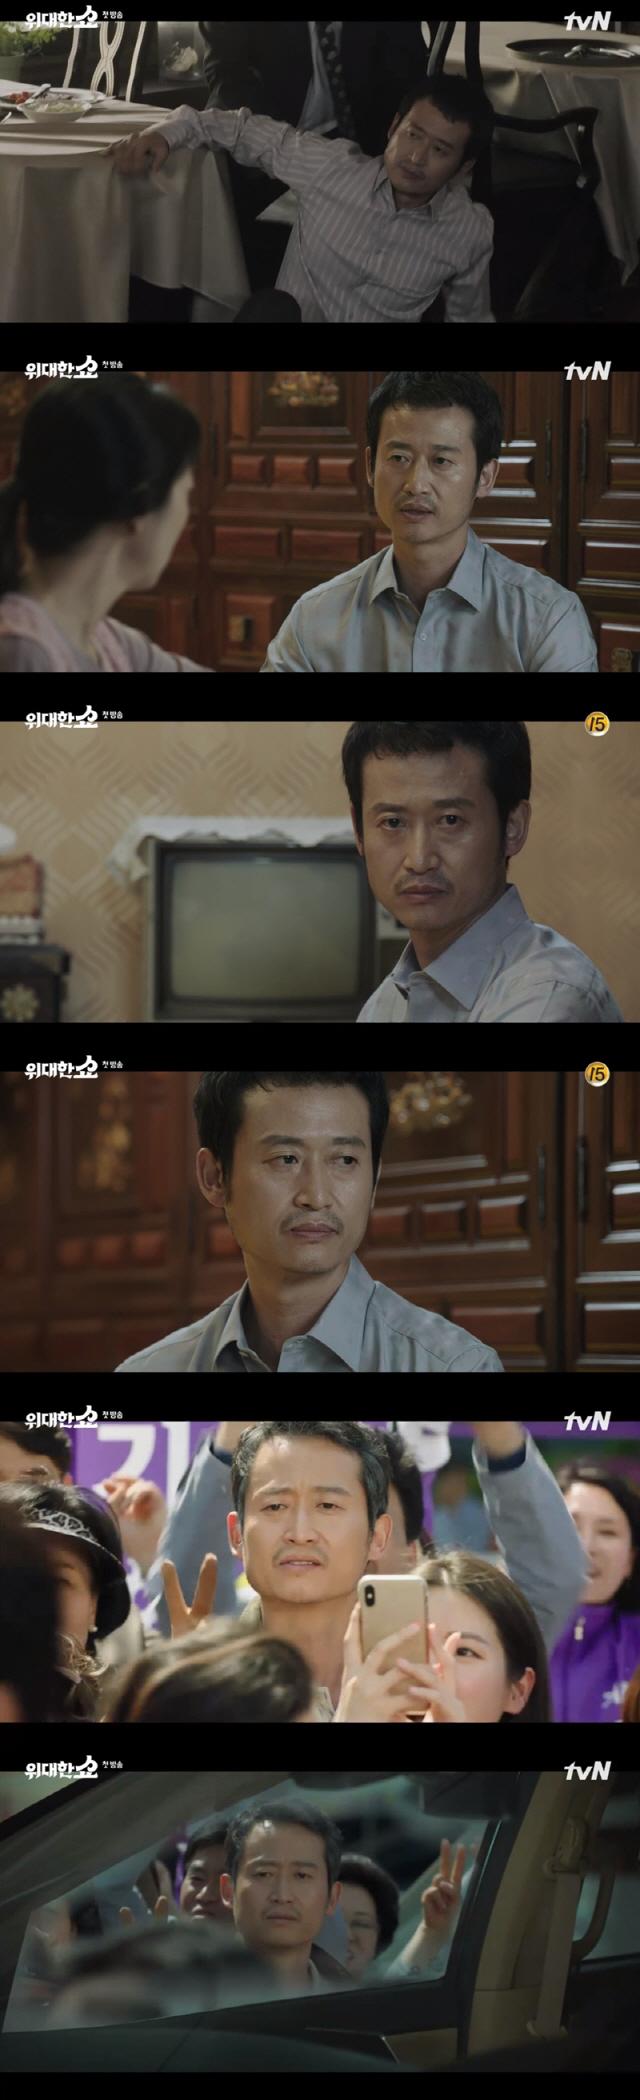 '위대한 쇼' 유승목, 송승헌 父 특별출연..지원 사격 '성공적'